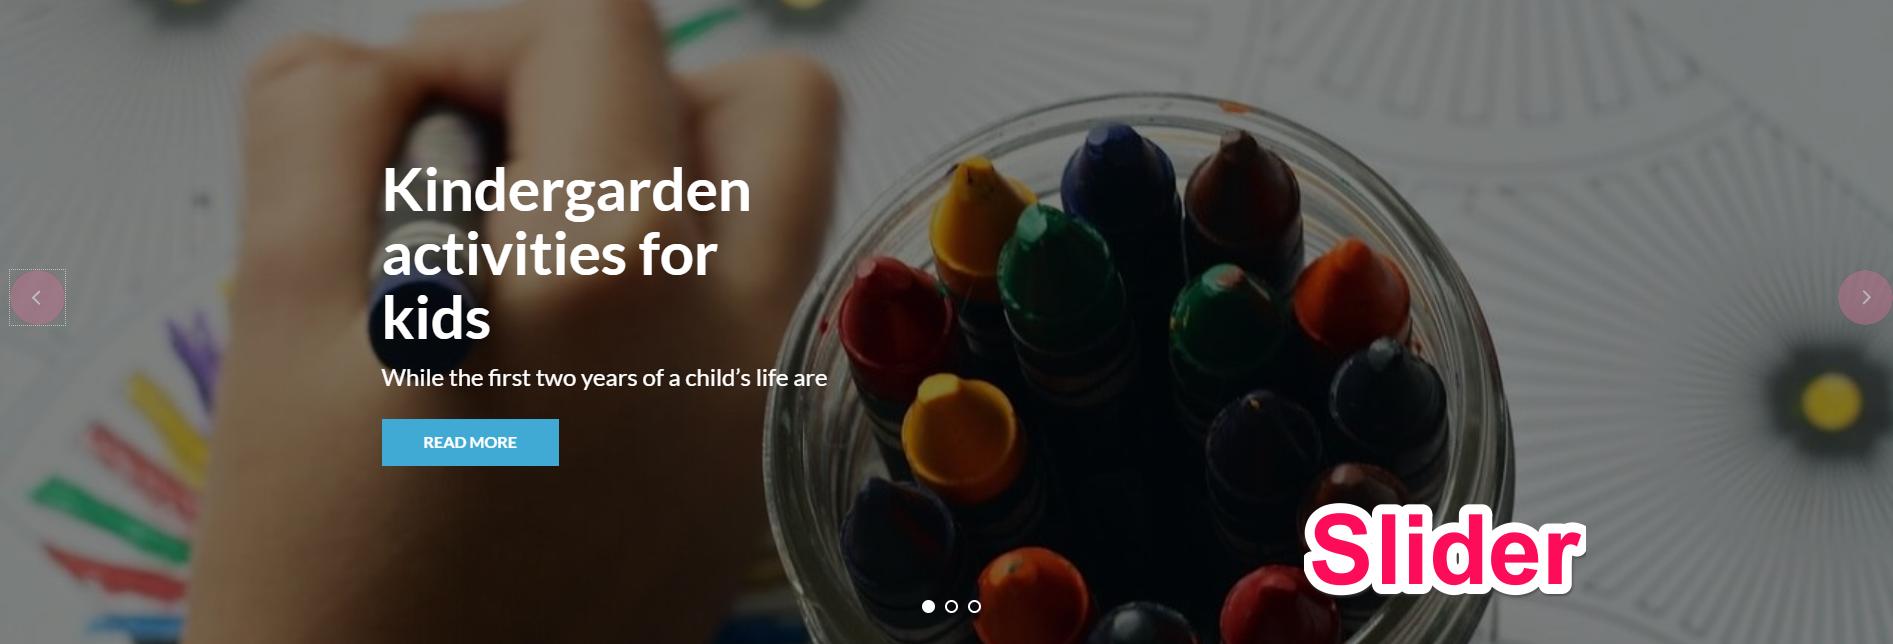 slider for preschool and kindergarten